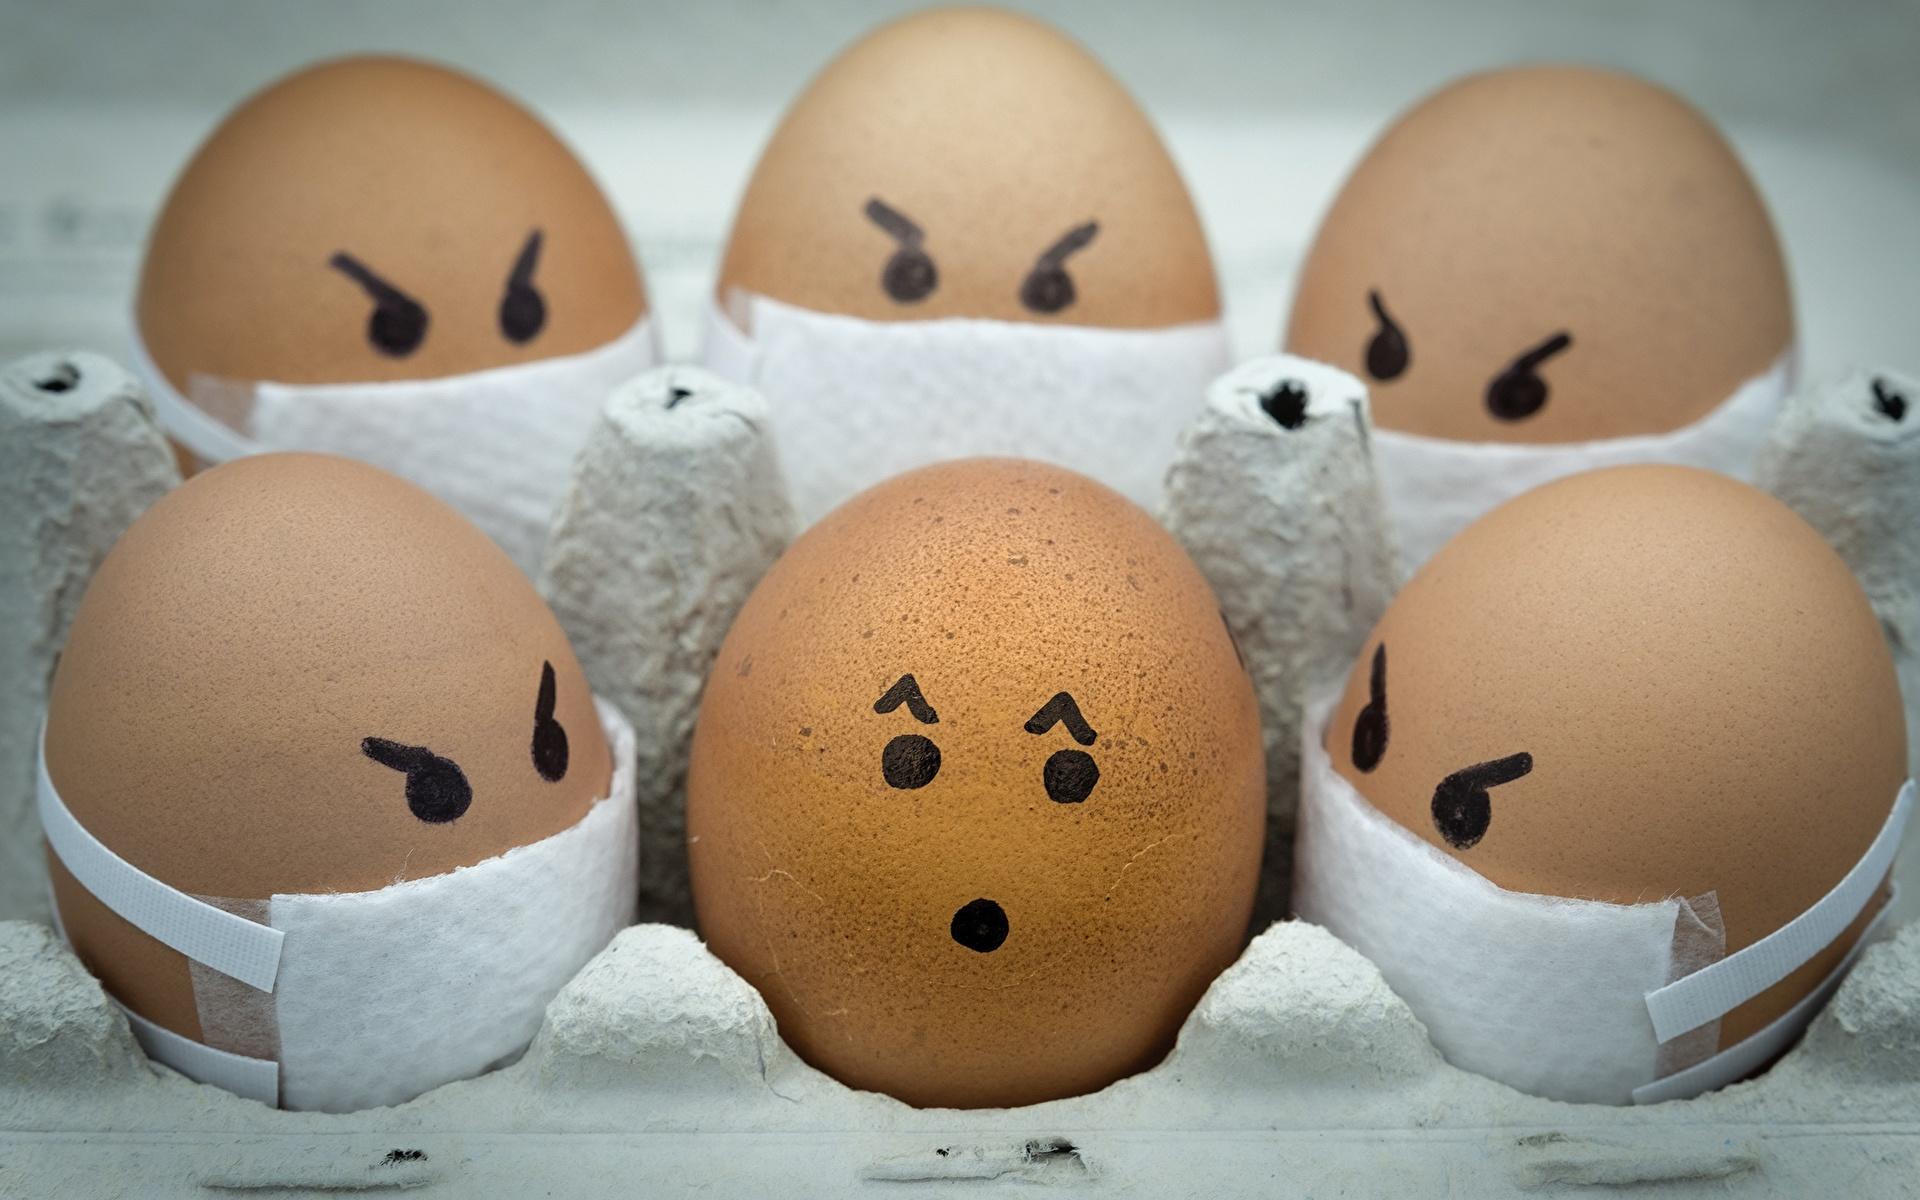 Обои для рабочего стола Коронавирус Смайлы Ali Khataw Яйца 1920x1200 смайлики яиц яйцо яйцами